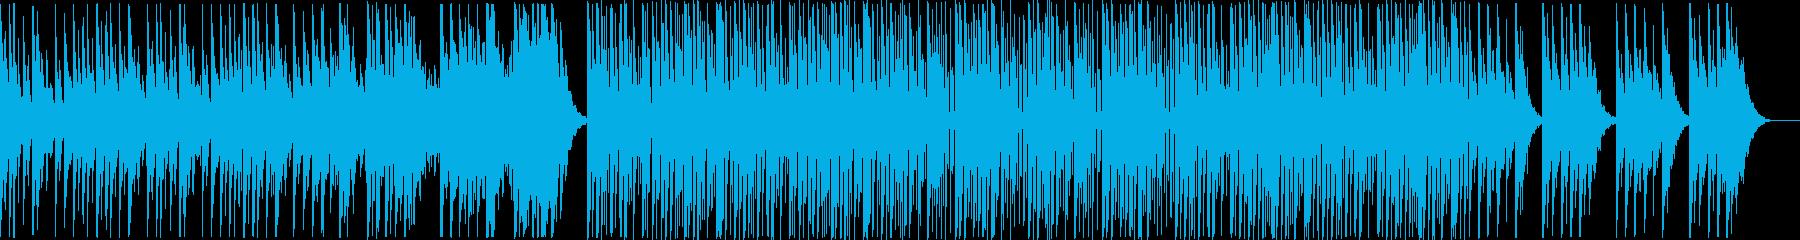 2000年初頭をイメージしたIDMです。の再生済みの波形